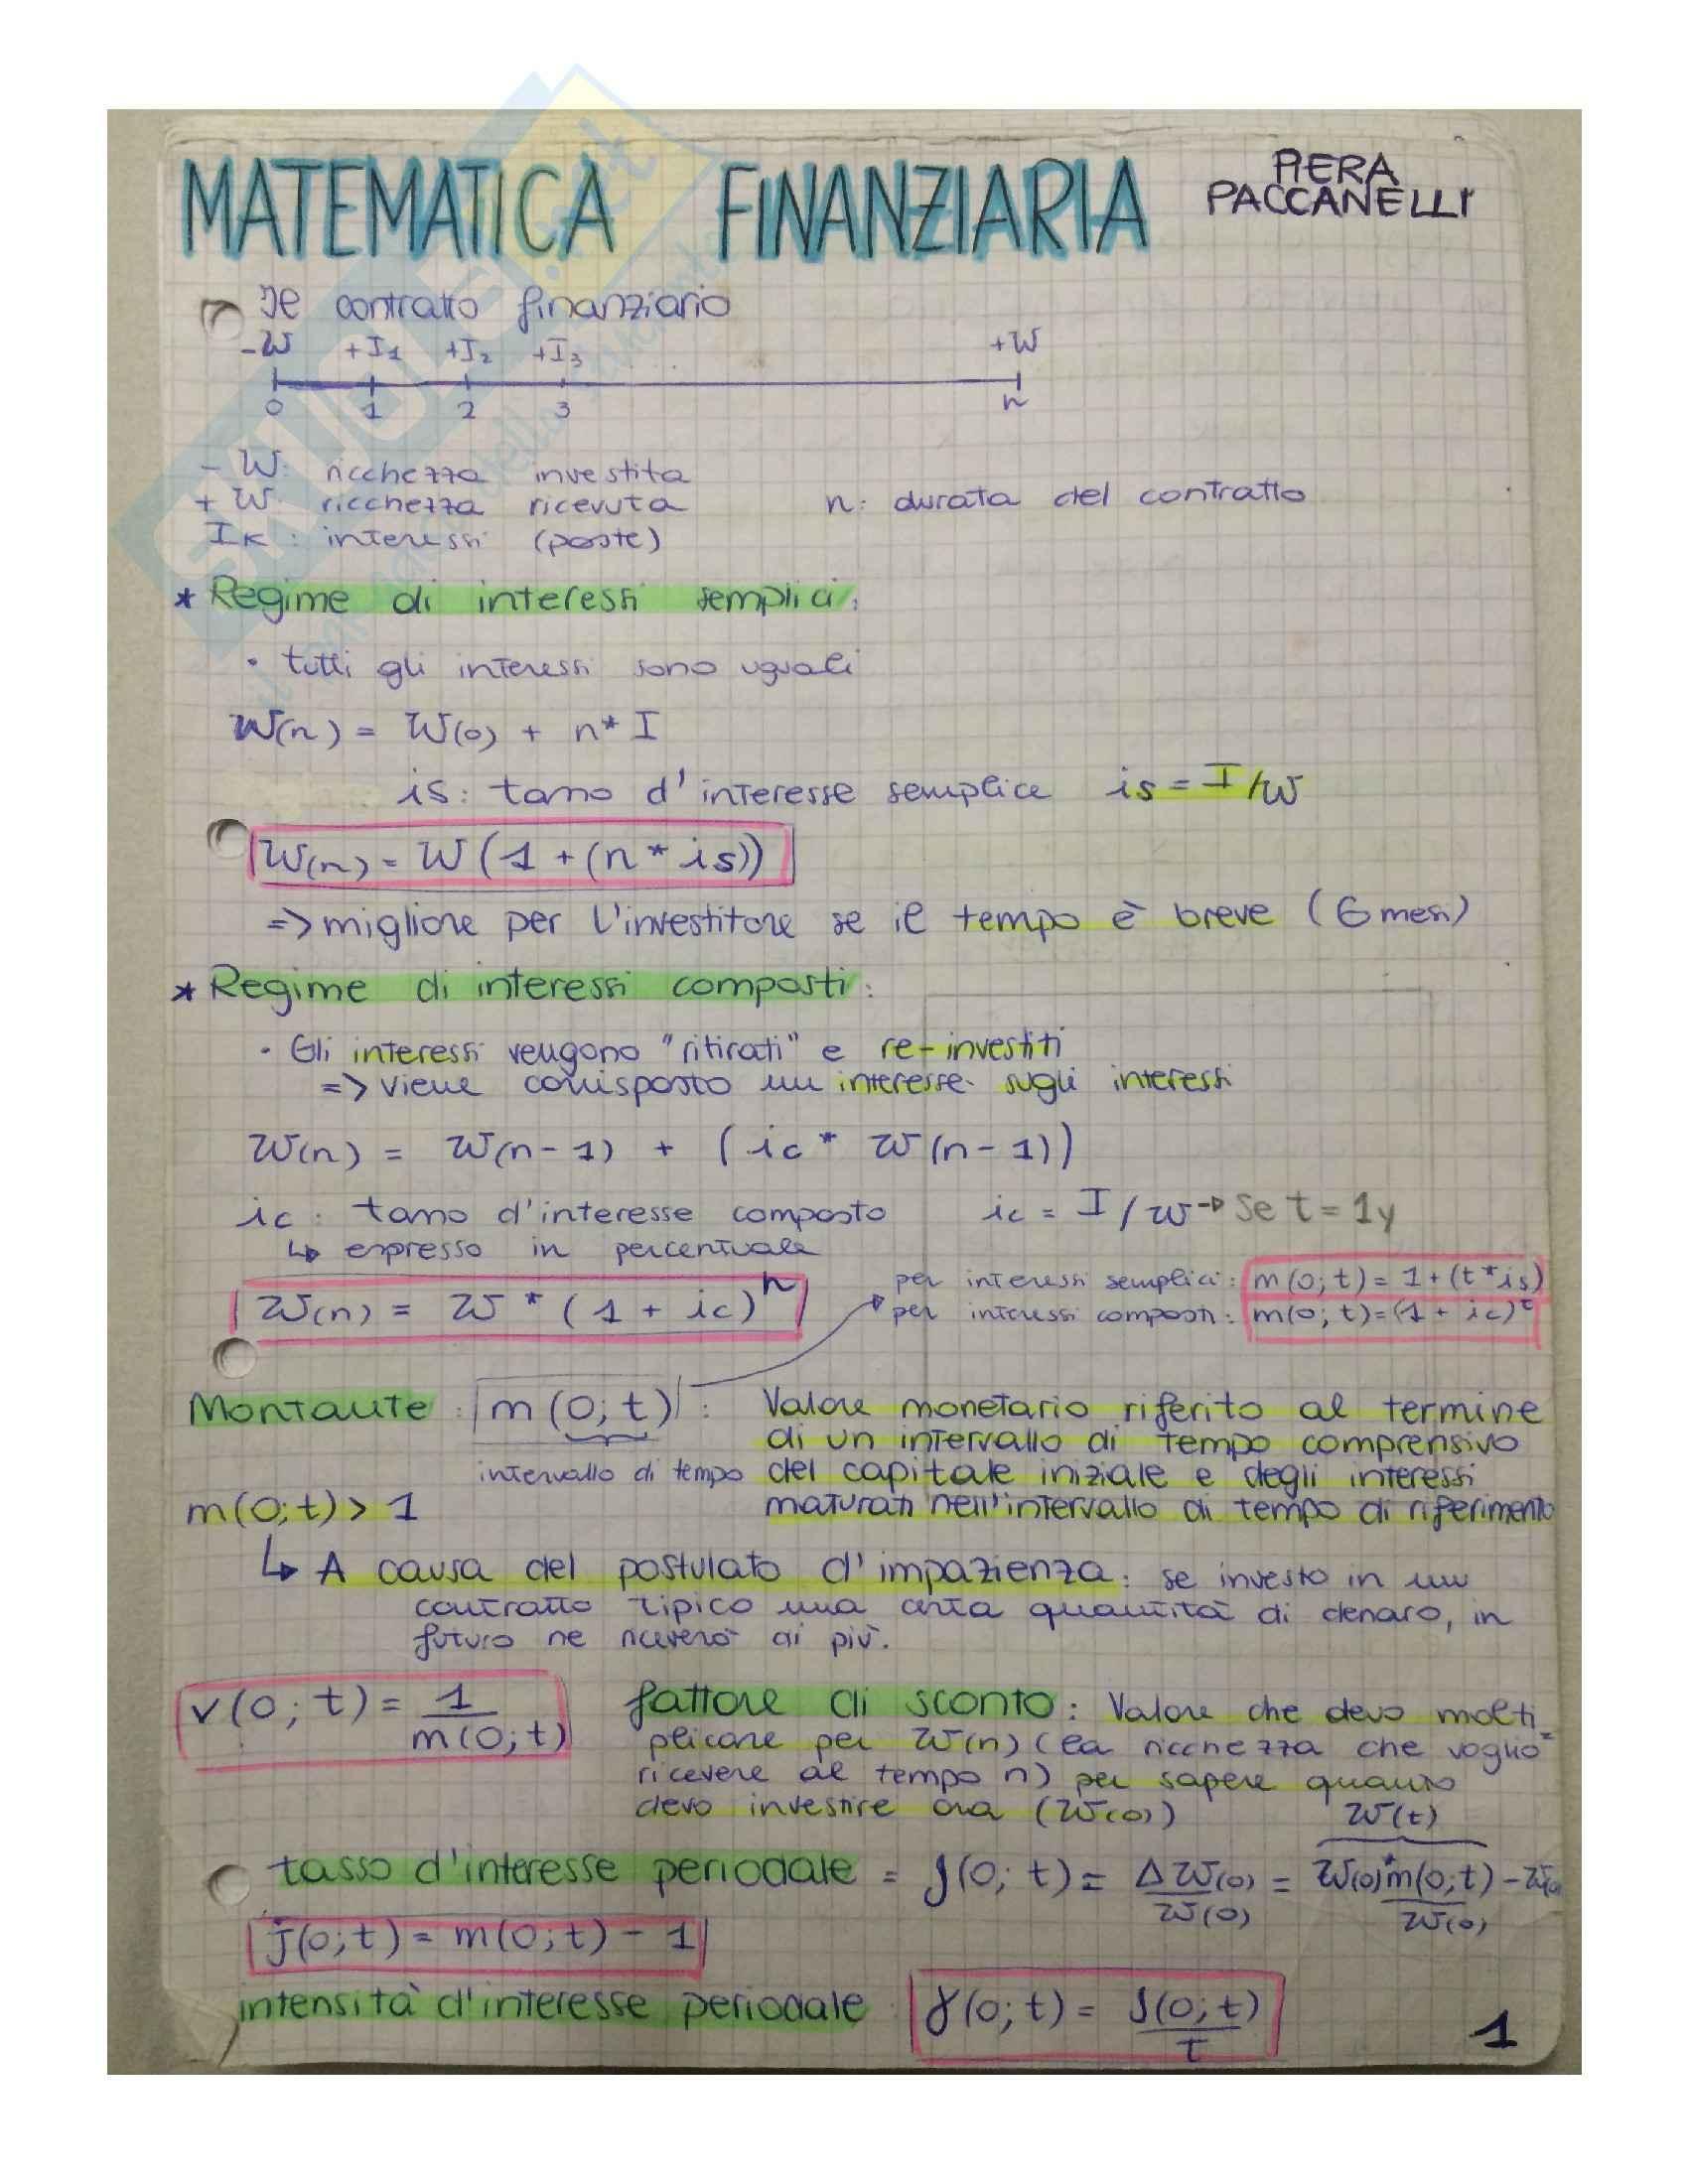 Matematica finanziaria - Appunti, definizioni e formule